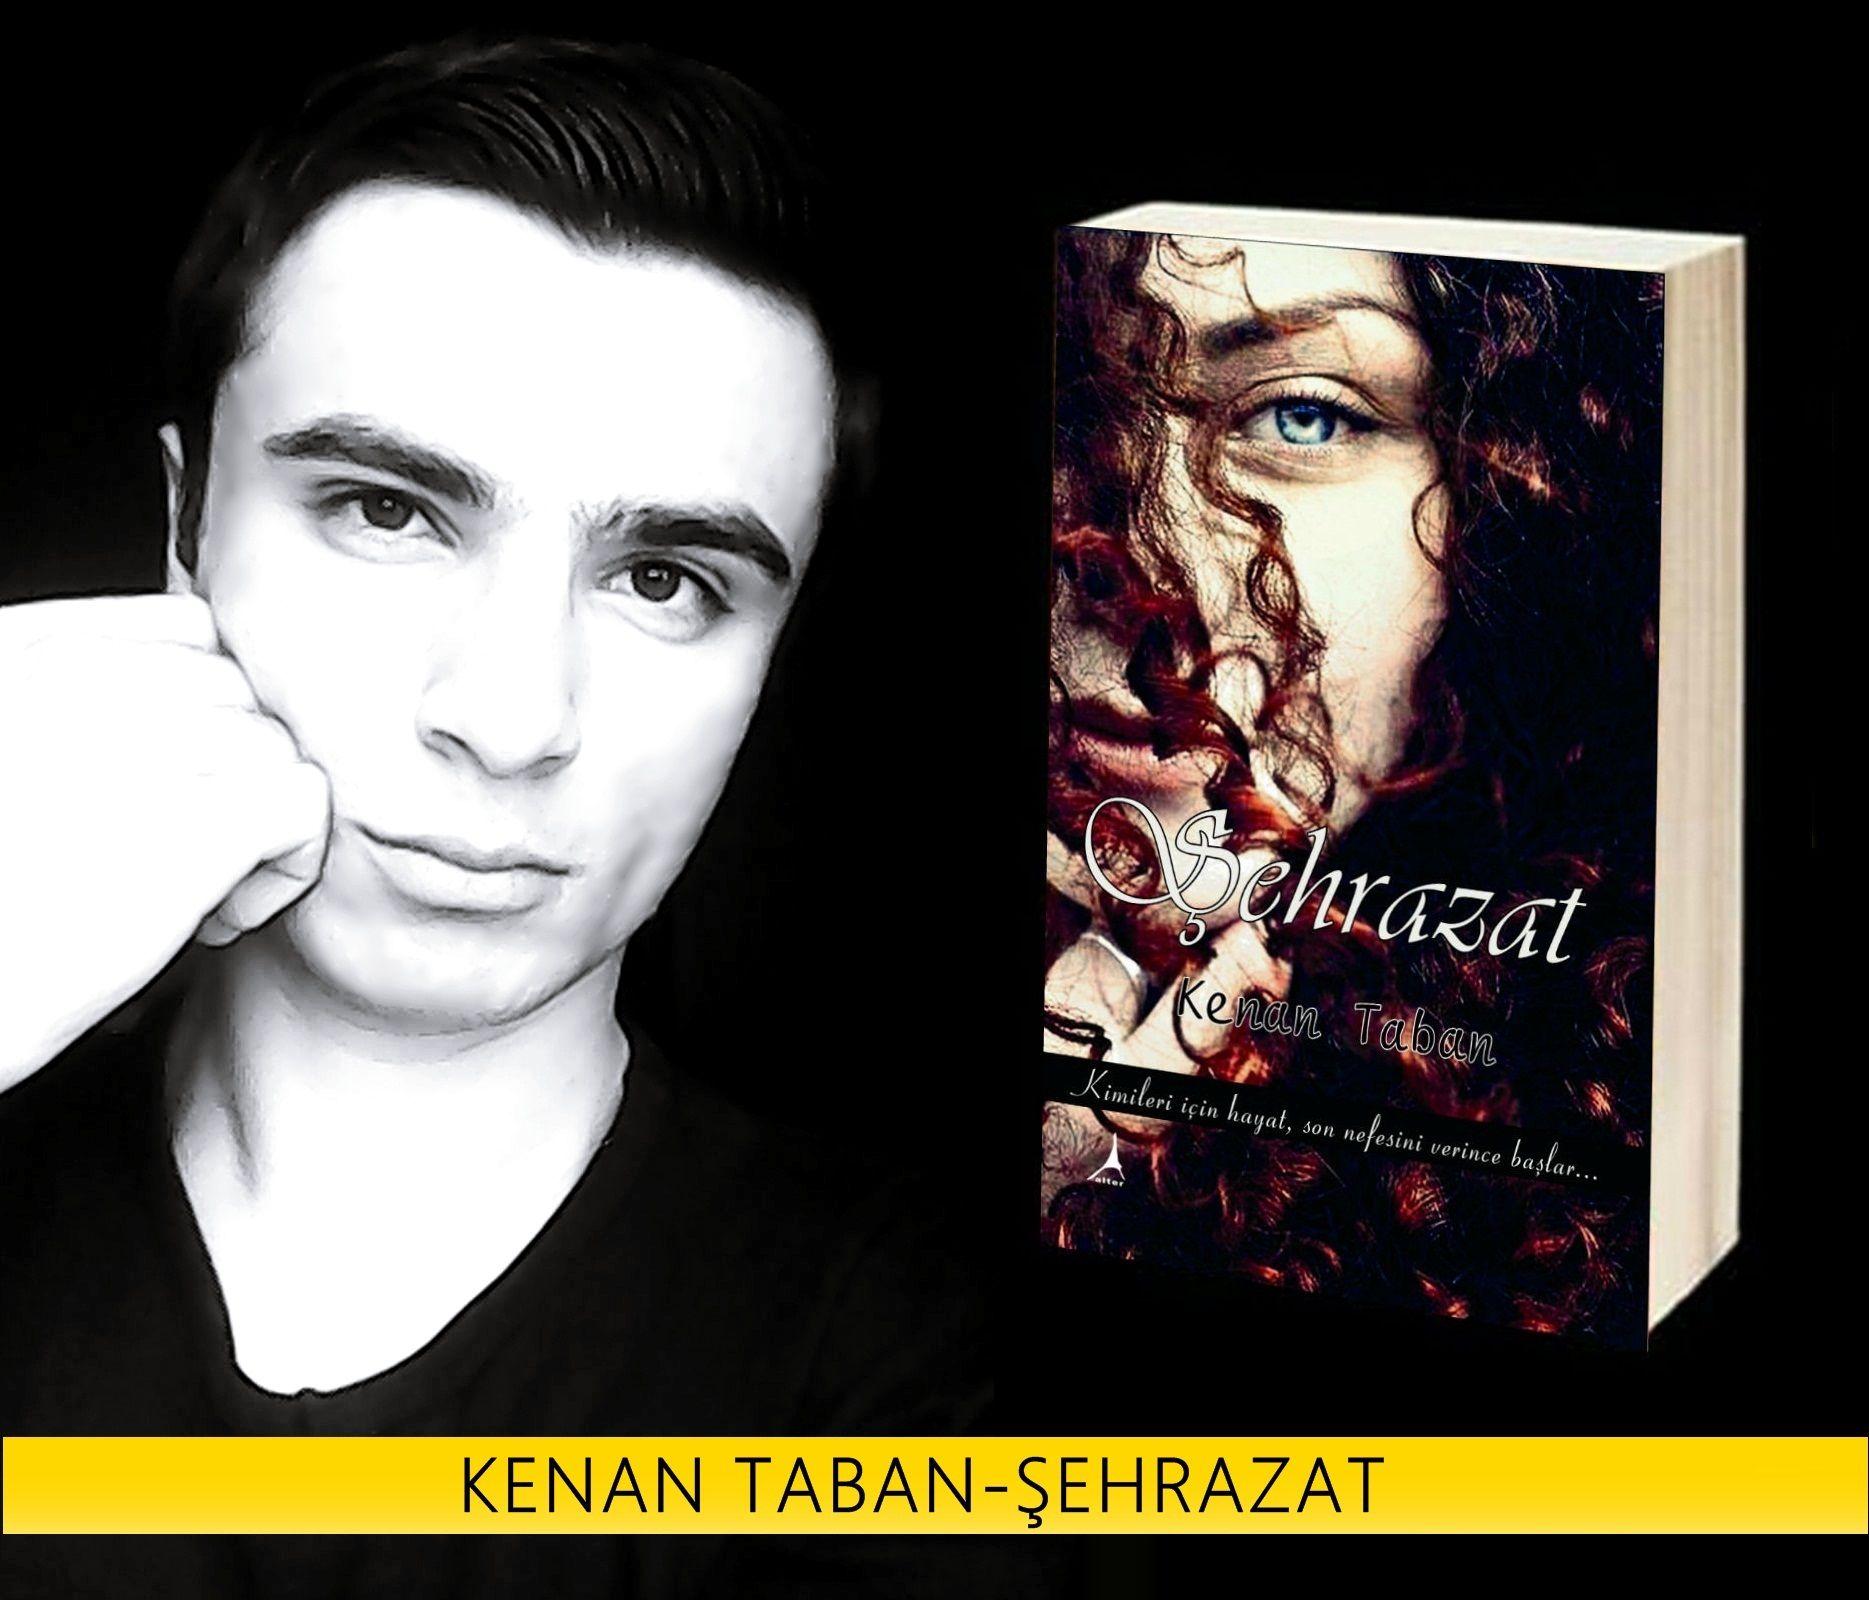 #kenantaban #şehrazat